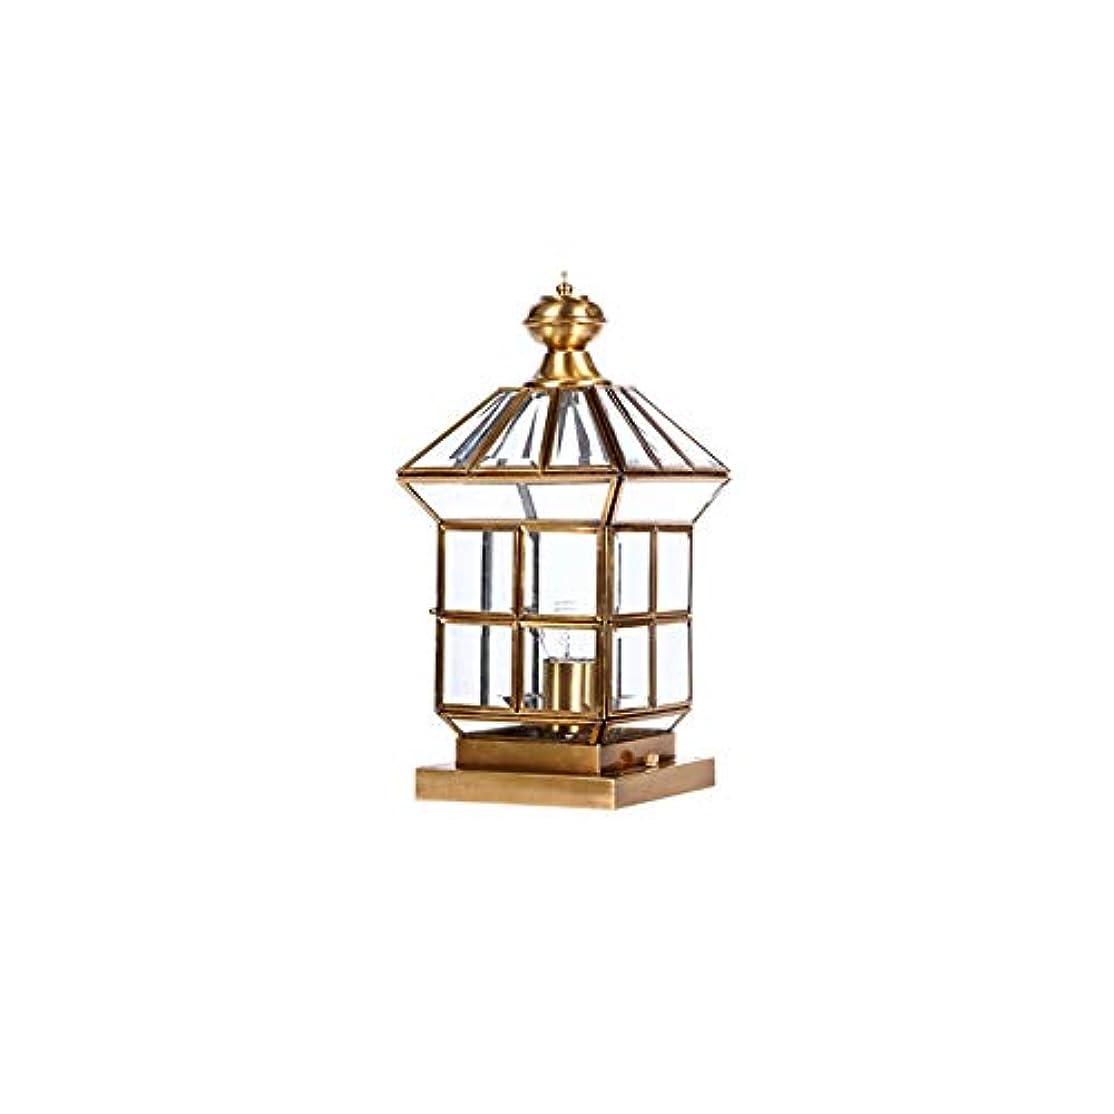 解体する周波数特権的Pinjeer ライト高級ゴールドすべて銅ガラスガーデンコラムランプヨーロッパヴィンテージスクエアip42防水屋外ポストライト中庭ヴィラドアバルコニーストリート装飾ピラーライト